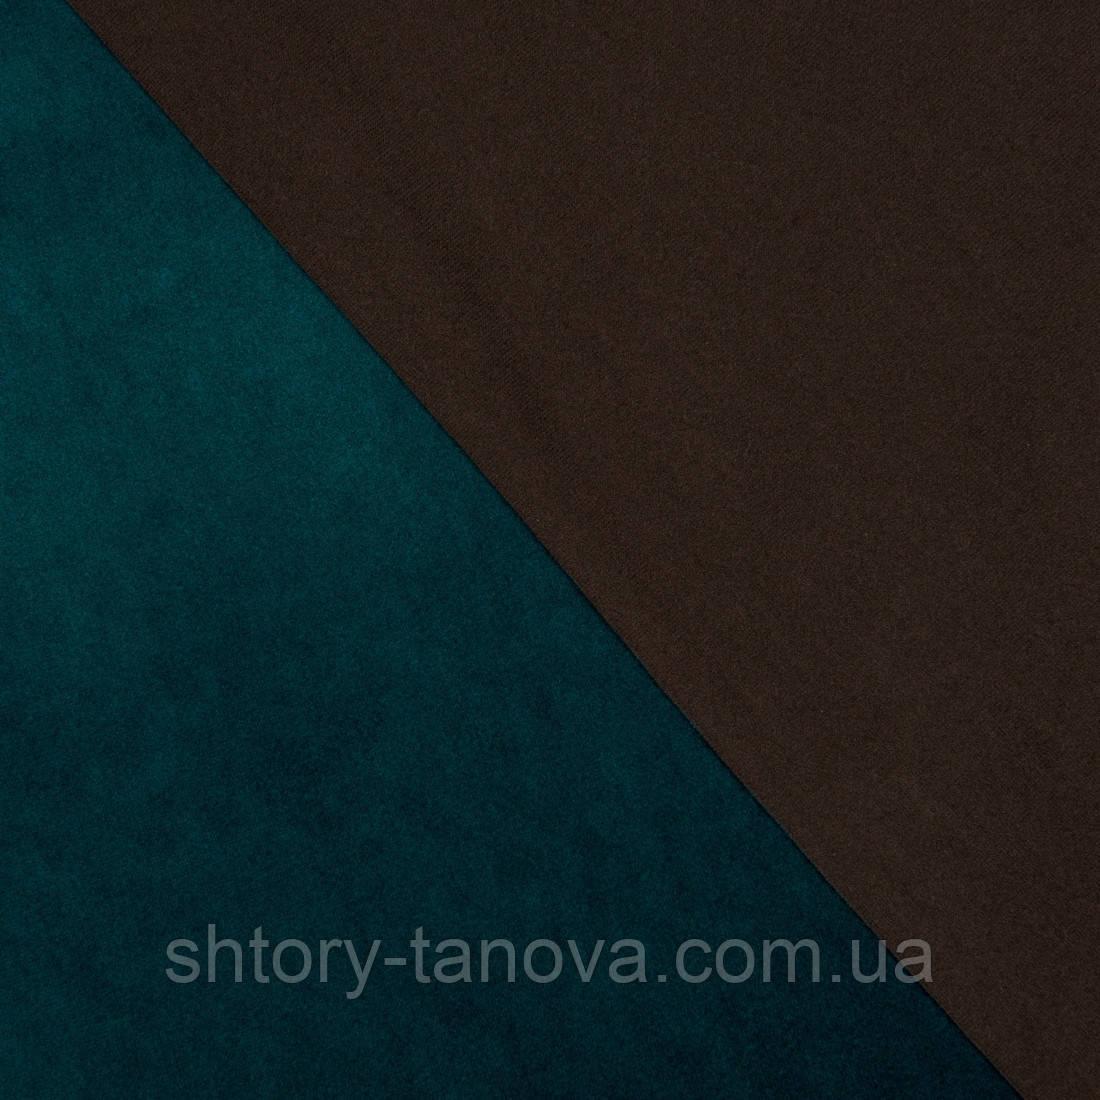 Декоративна тканина велюта смарагдово-зелений